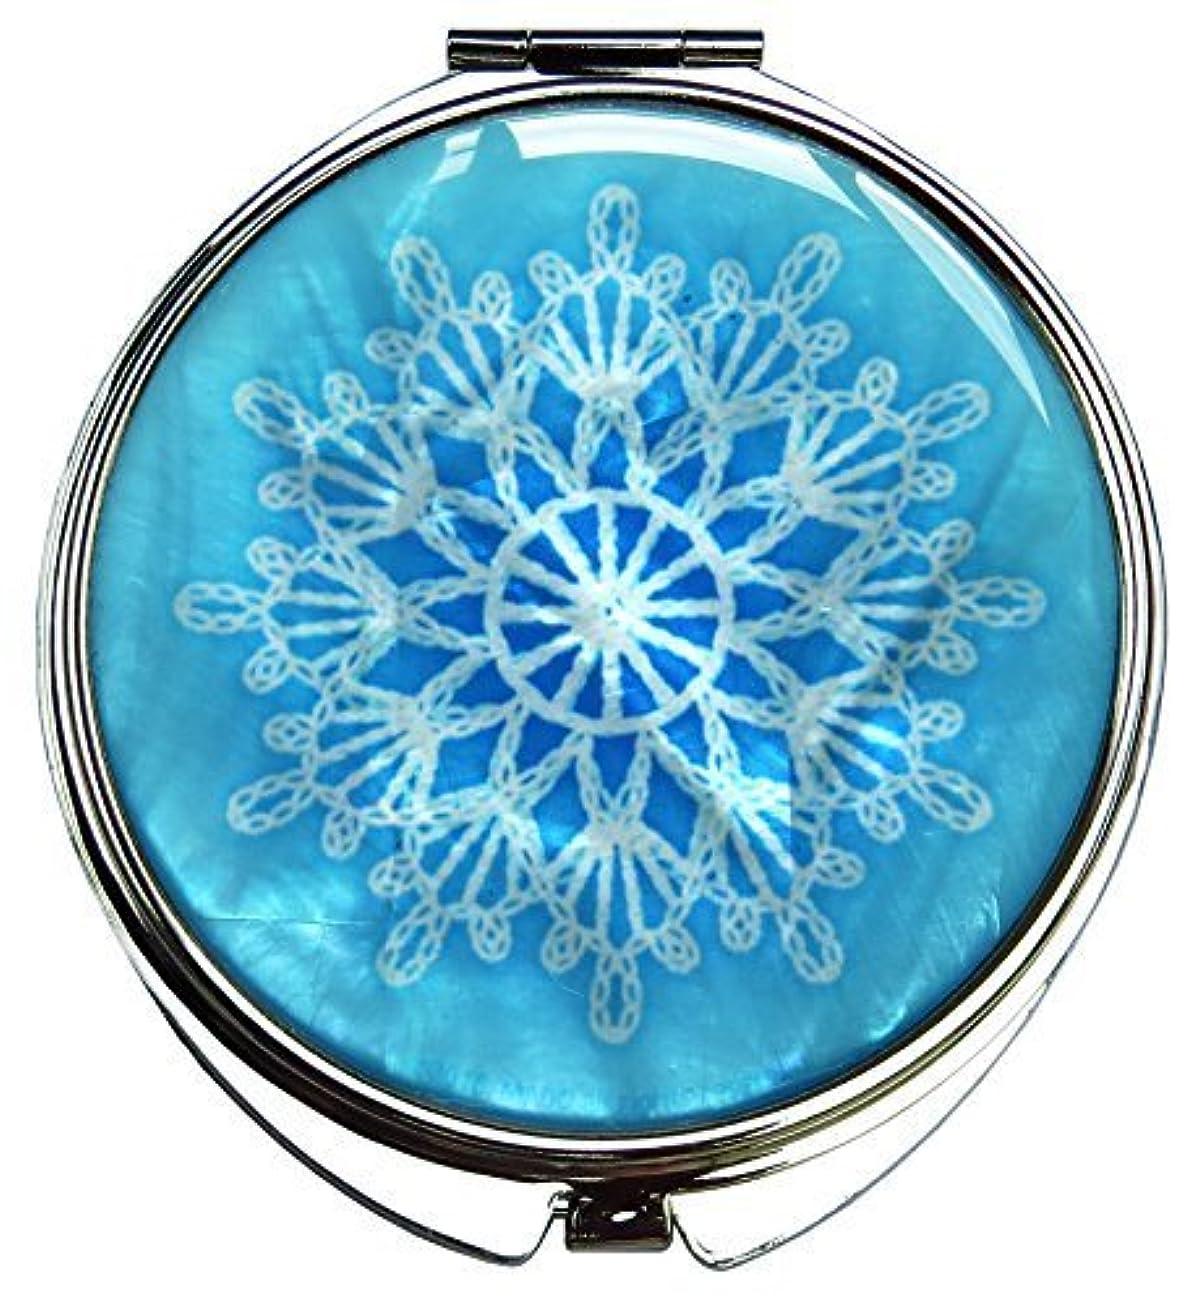 閉じ込める閉塞触覚MADDesign 真珠の金属デュアルコンパクトのスカイブルー折りたたみ化粧鏡の母はスノーフレーク白いレースを拡大します 空色 [並行輸入品]